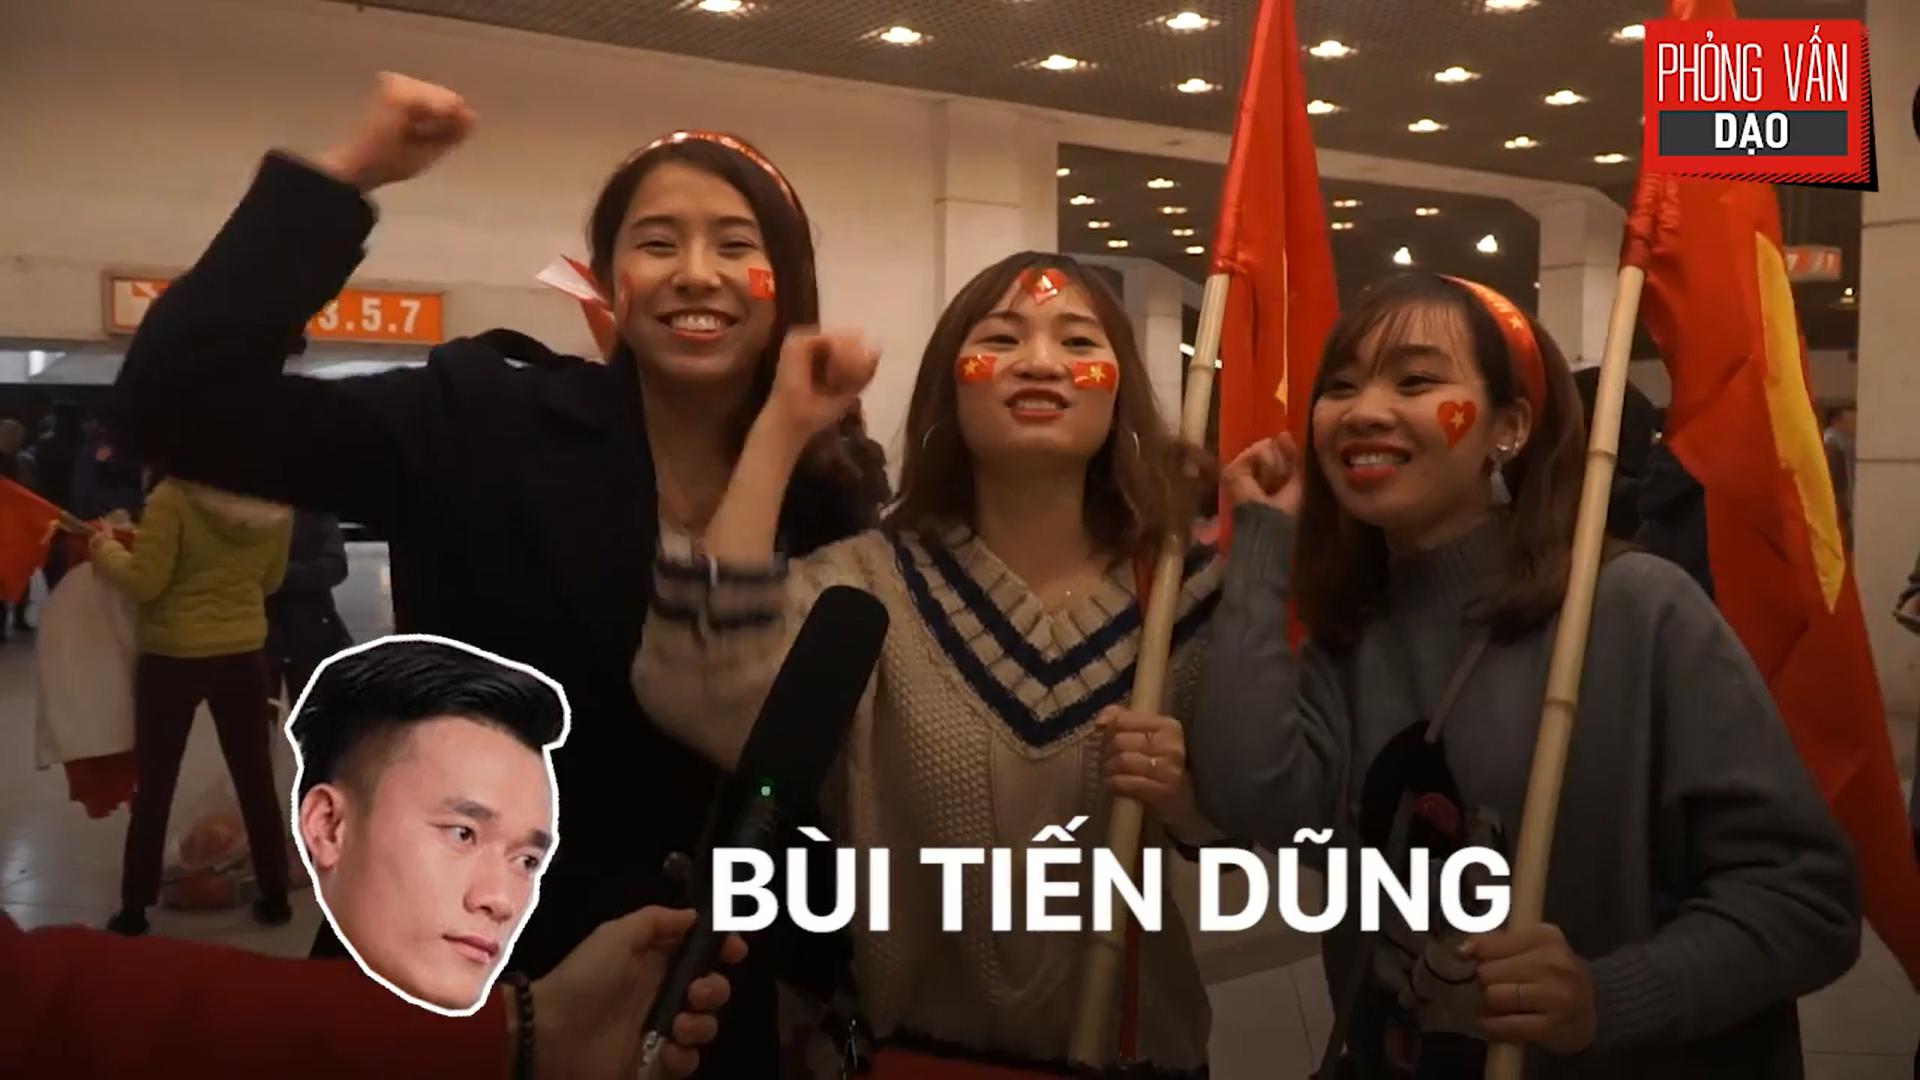 Phỏng vấn dạo: Cảm xúc của người hâm mộ khi đón U23 Việt Nam trở về trong vòng tay - Ảnh 6.